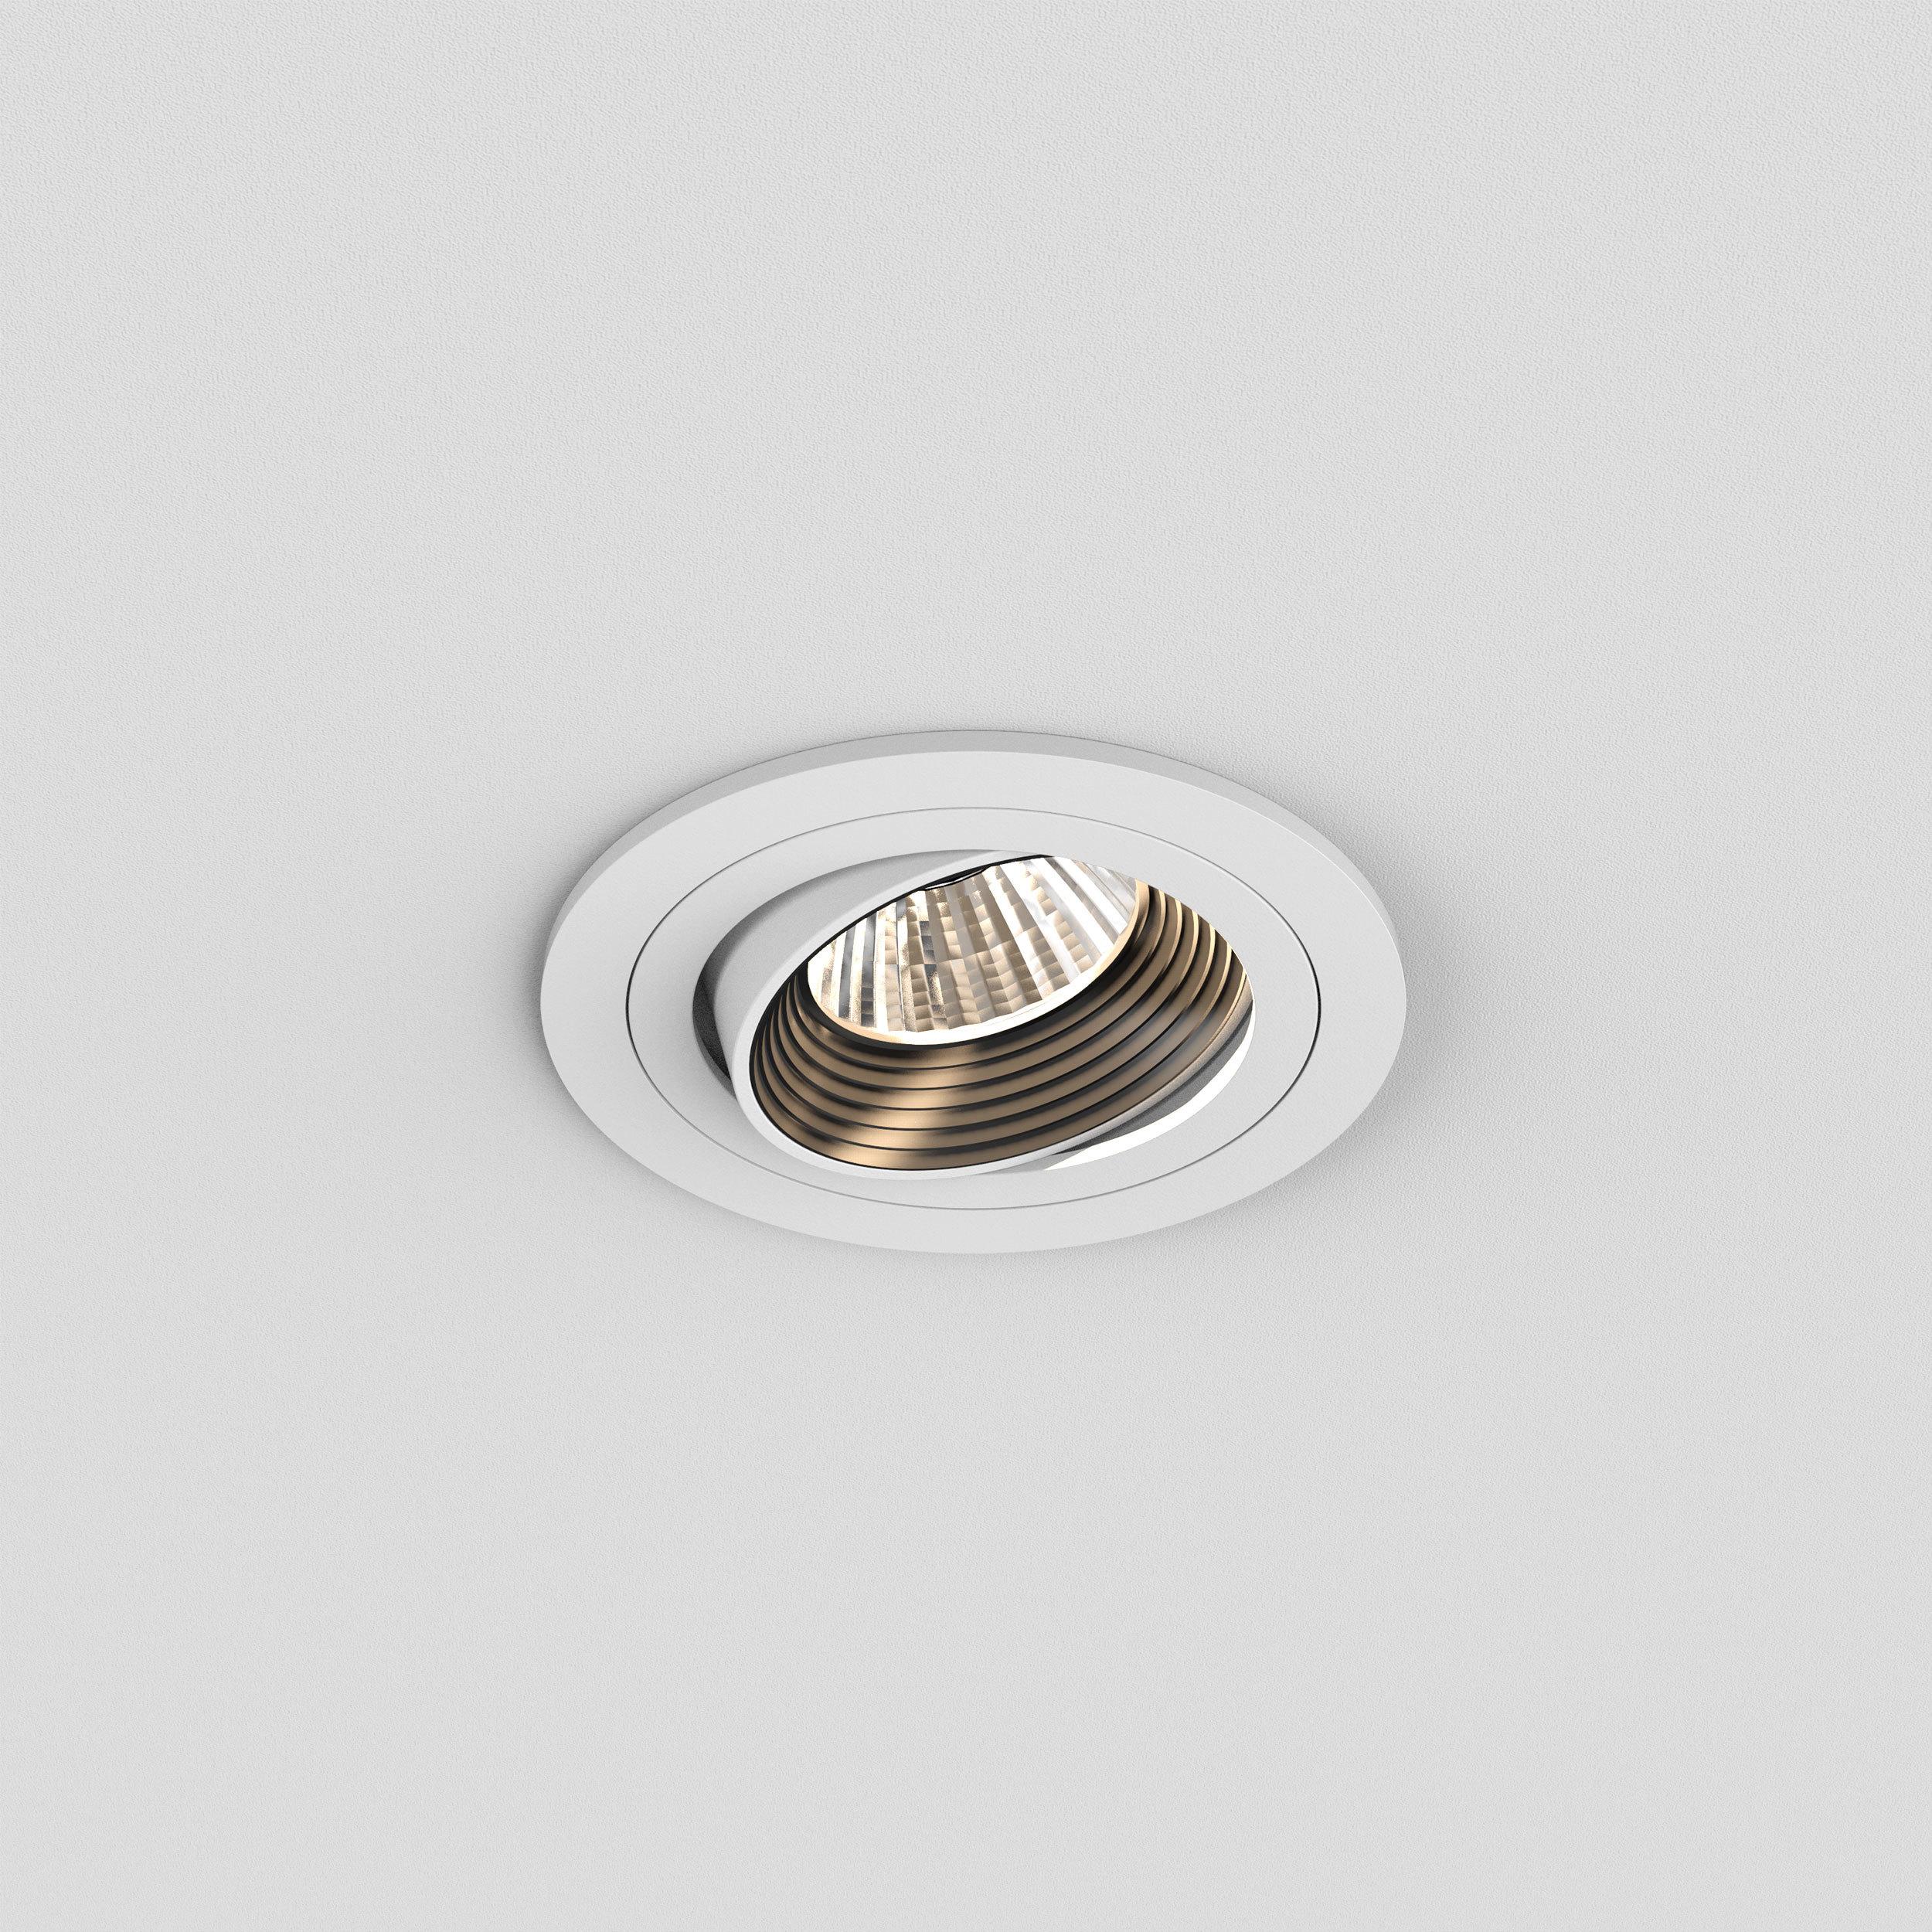 Встраиваемый светодиодный светильник Astro Aprilia 1256024 (5759), IP21, LED 6,1W 2700K 604.8lm CRI80, белый, металл - фото 3